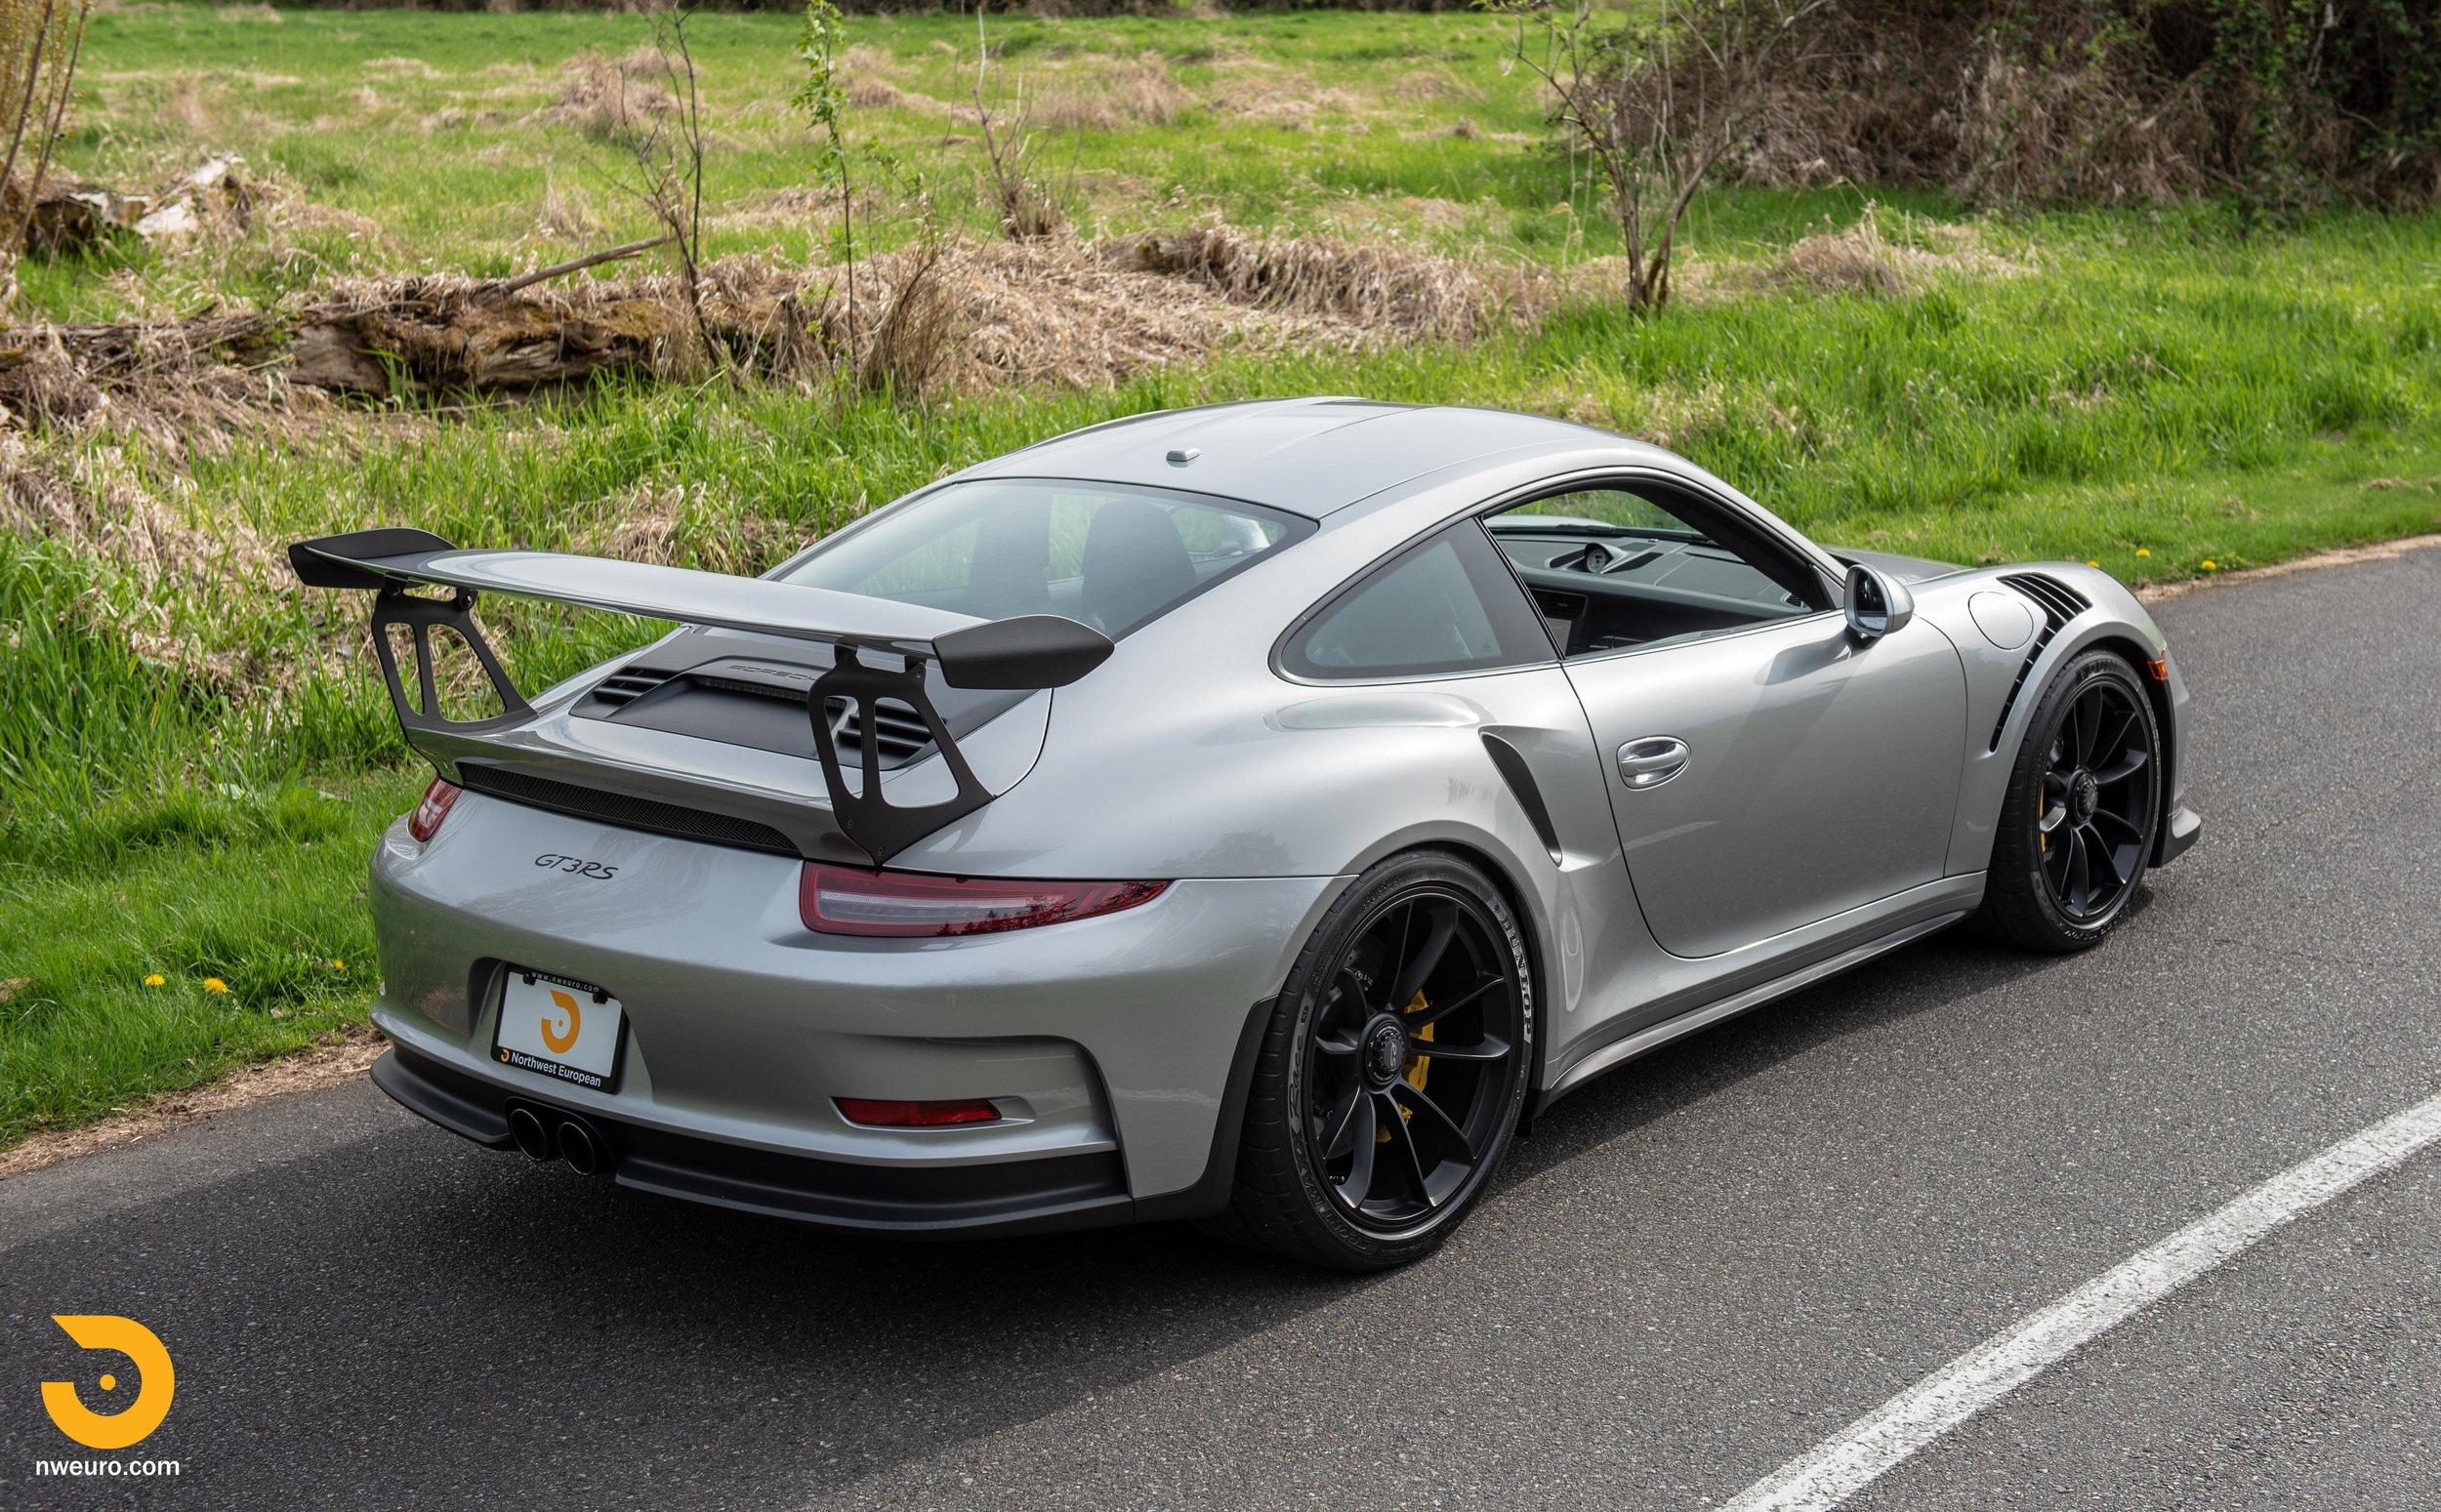 2016 Porsche GT3 RS-91.jpg